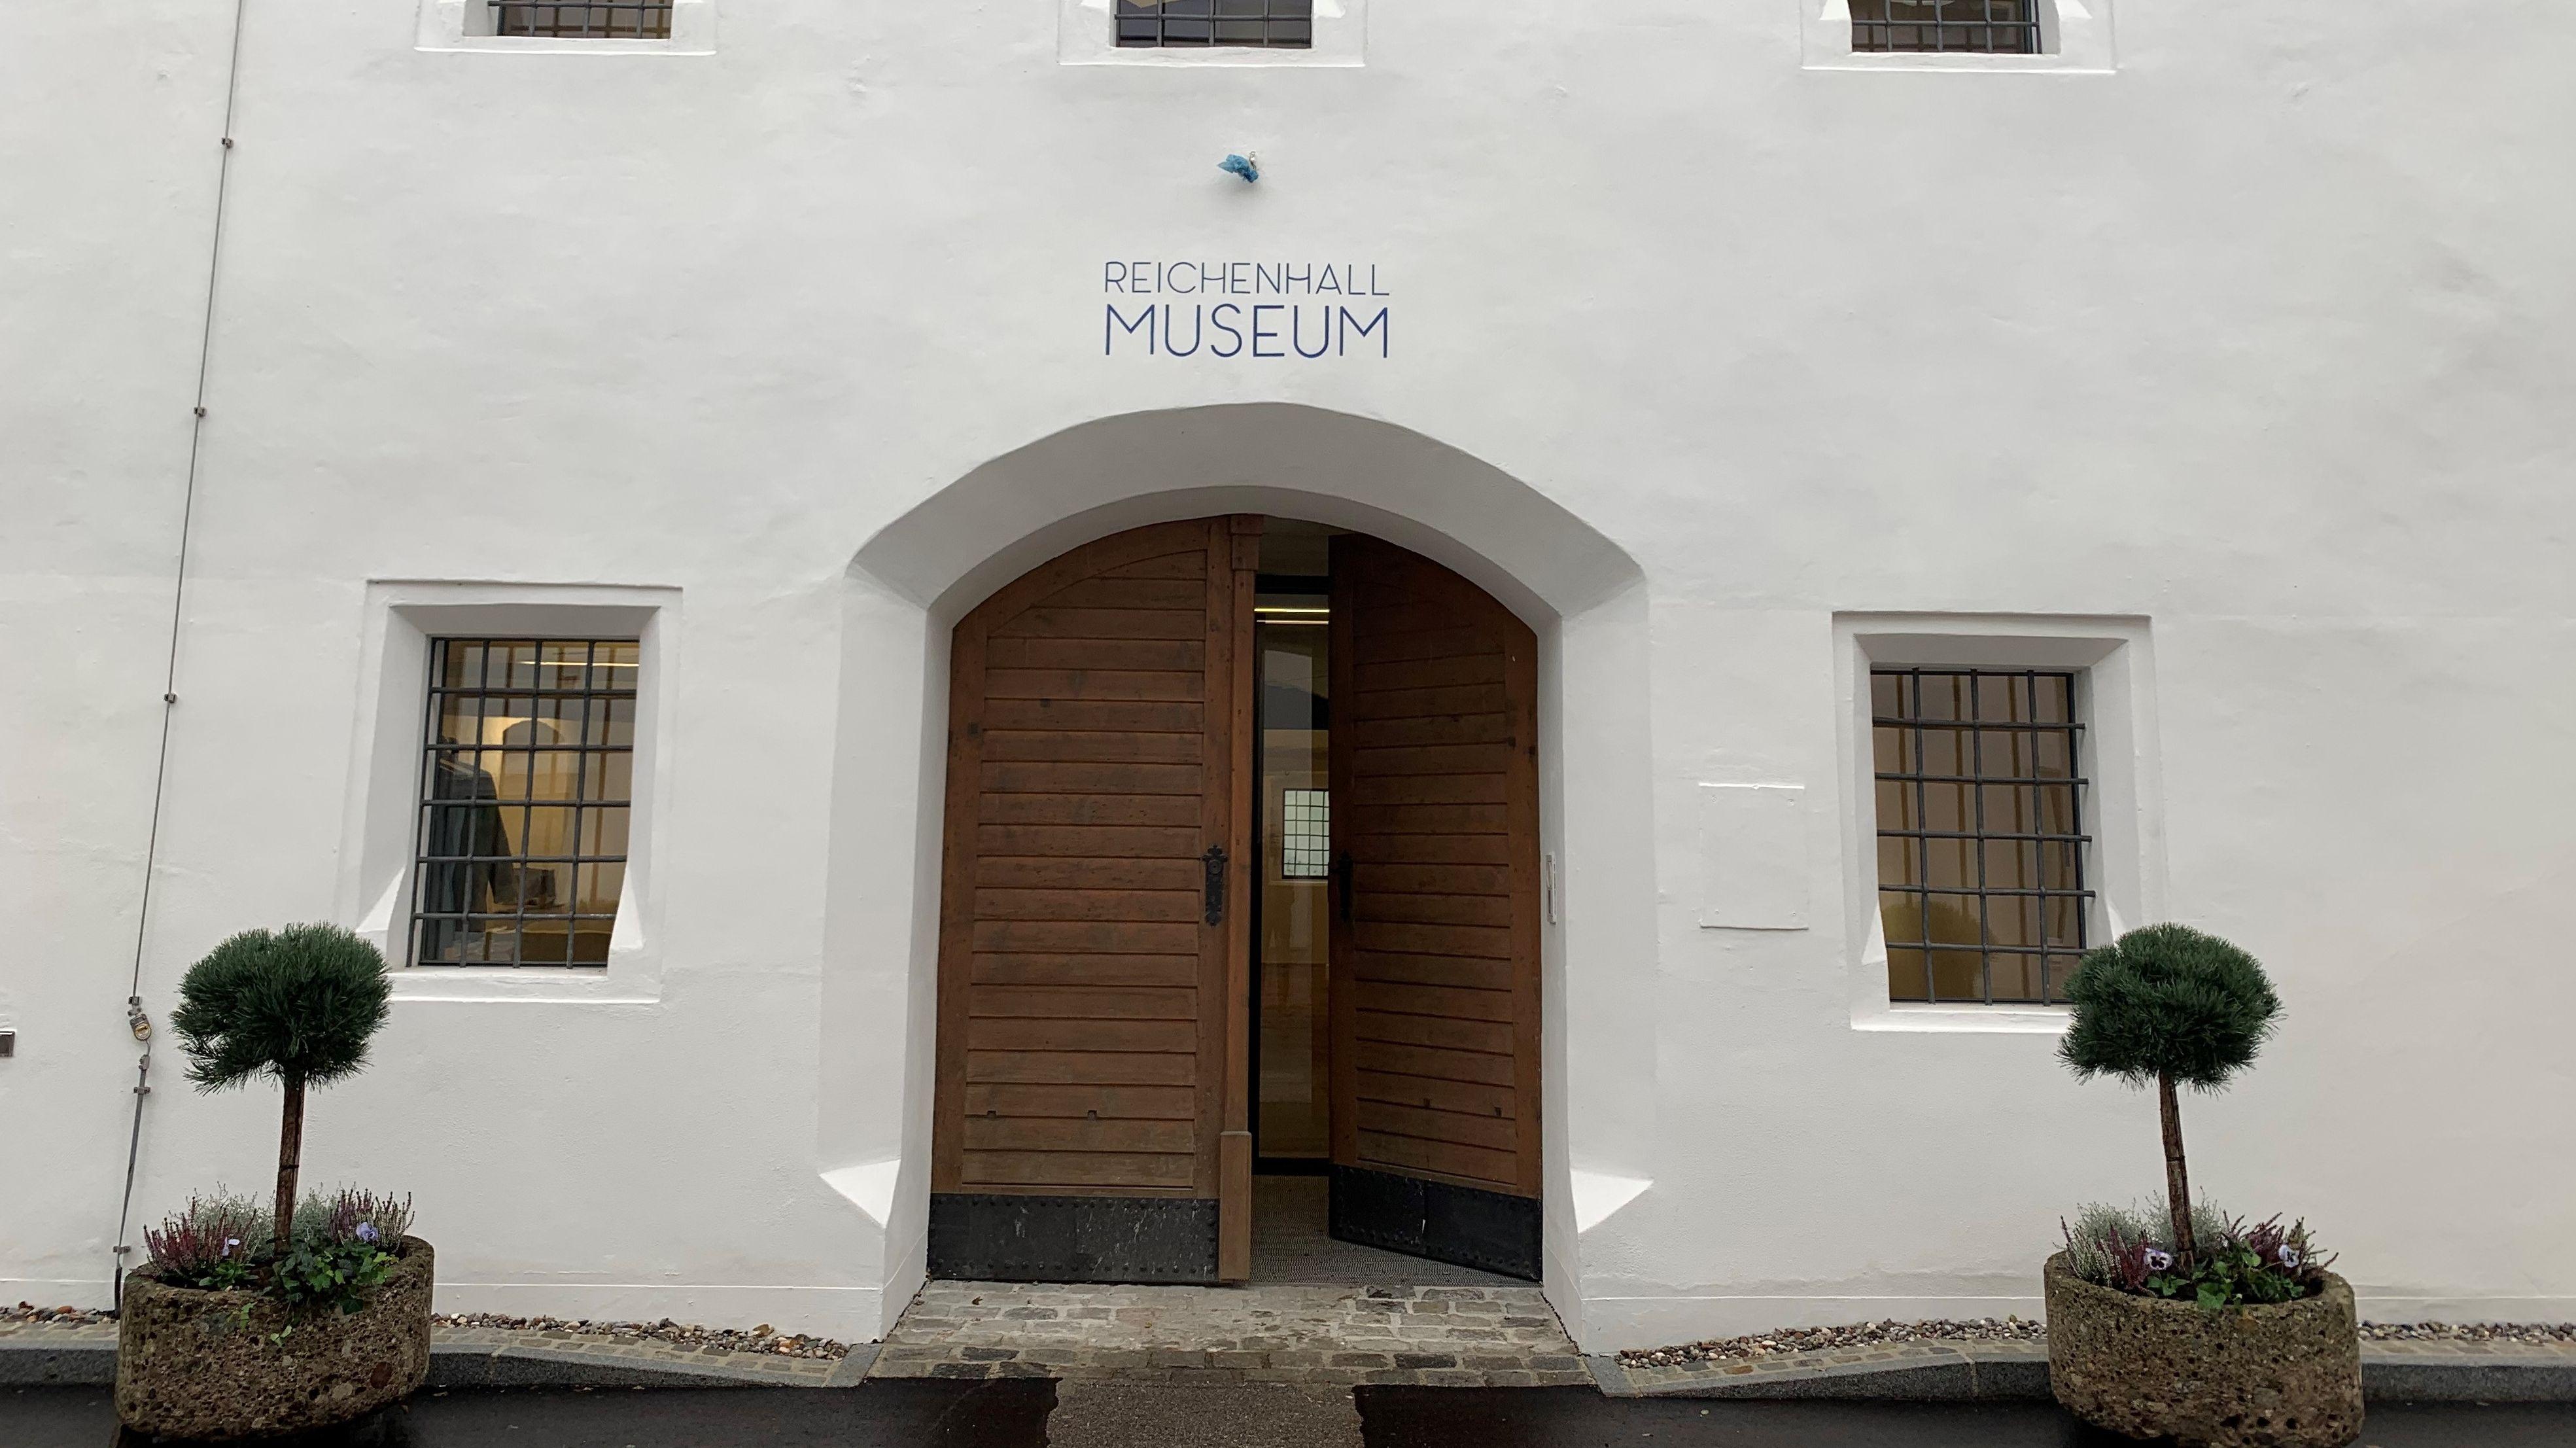 ReichenhallMuseum mit neuem Namen nach langer Sanierung wieder geöffnet